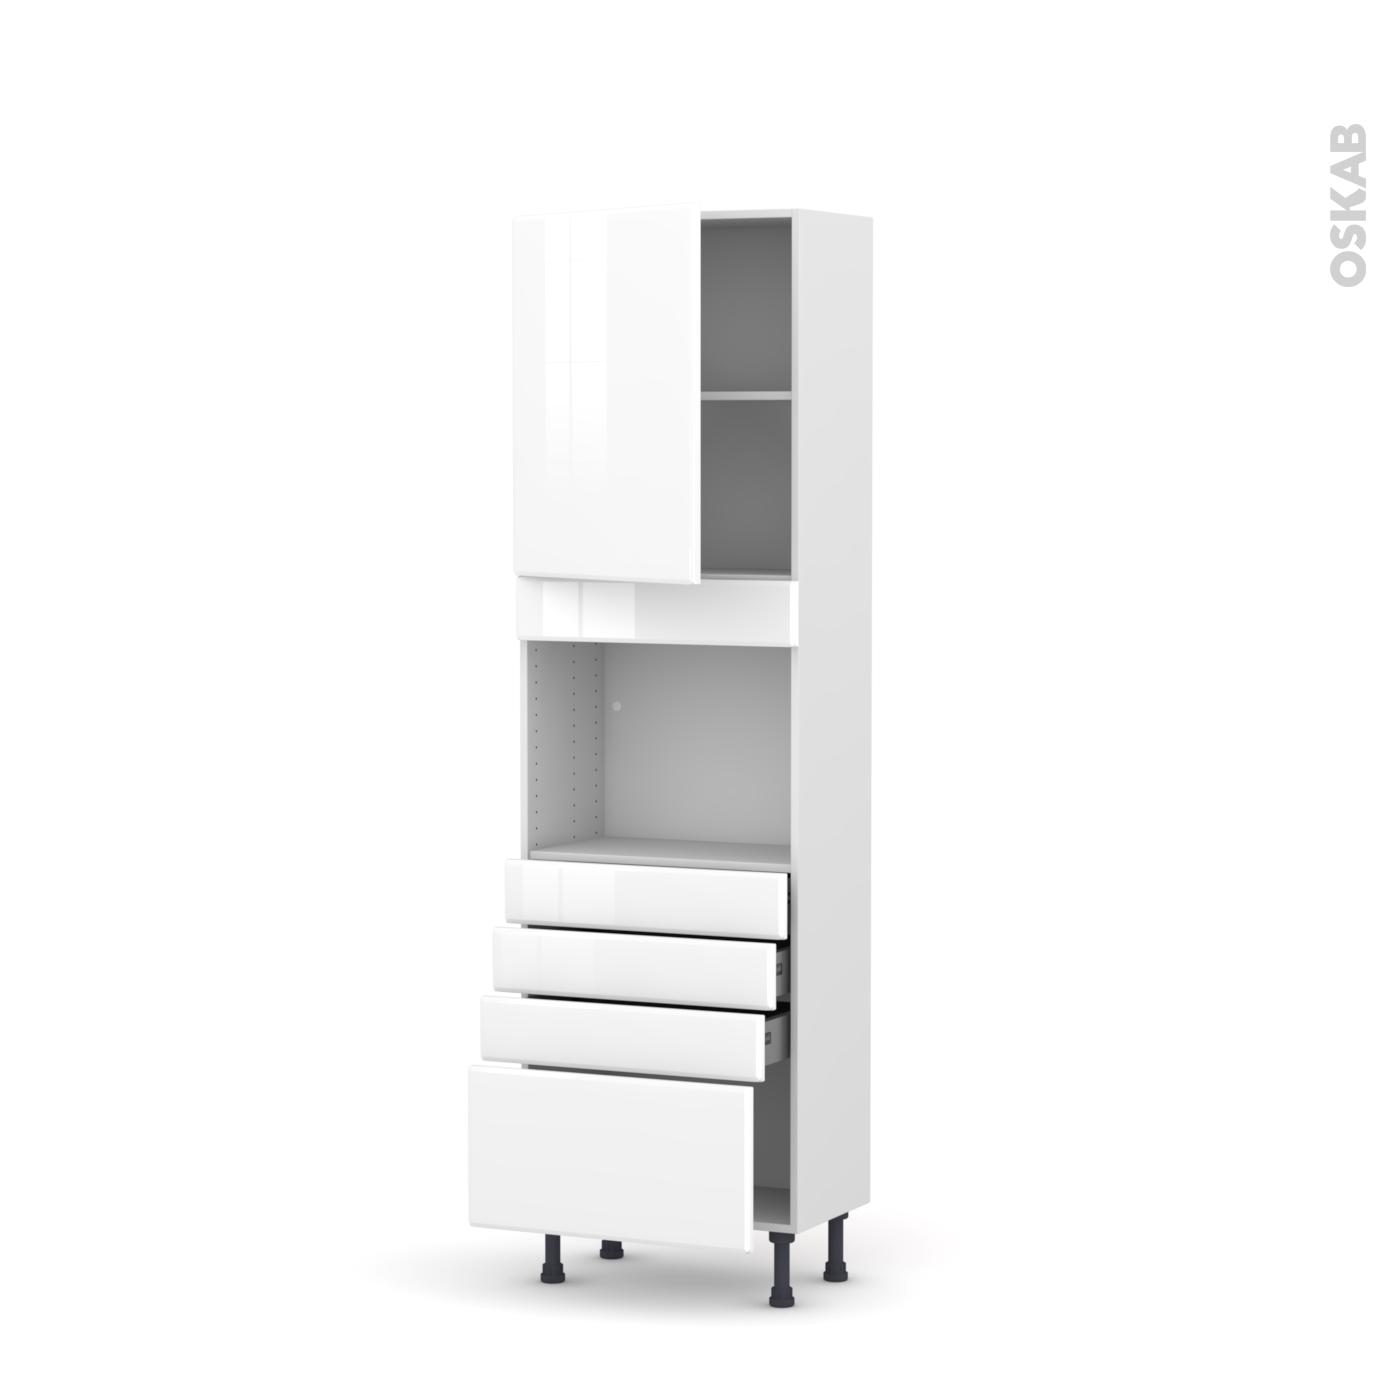 Colonne de cuisine N°11414 Four encastrable niche 11414 IRIS Blanc, 114 porte 14  tiroirs, L14 x H11495 x P14 cm